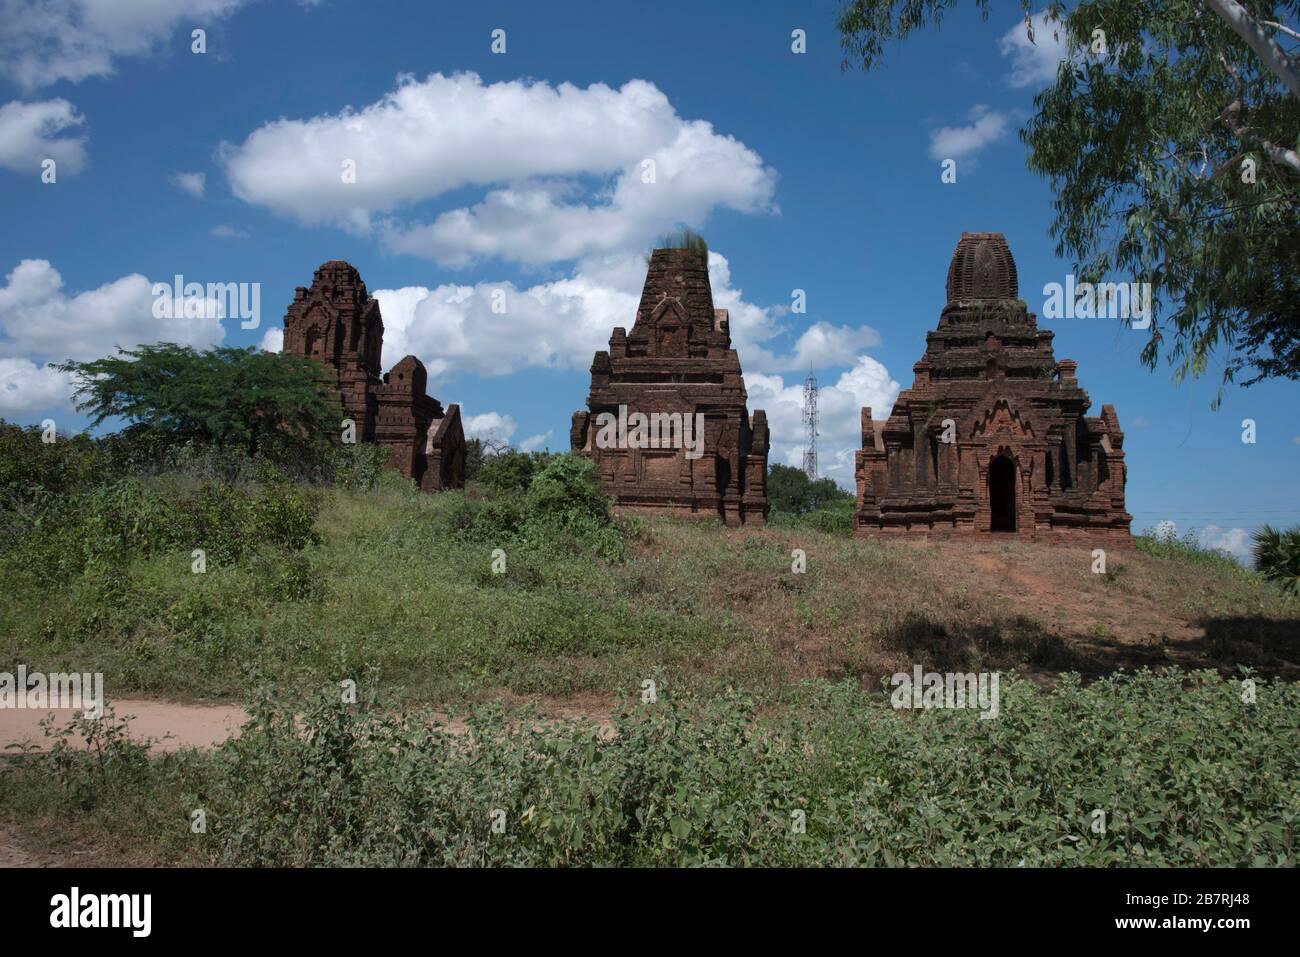 Myanmar: Bagan-Salay. Vista general de Paya Thon Zu. Situado en un pequeño montículo. Foto de stock